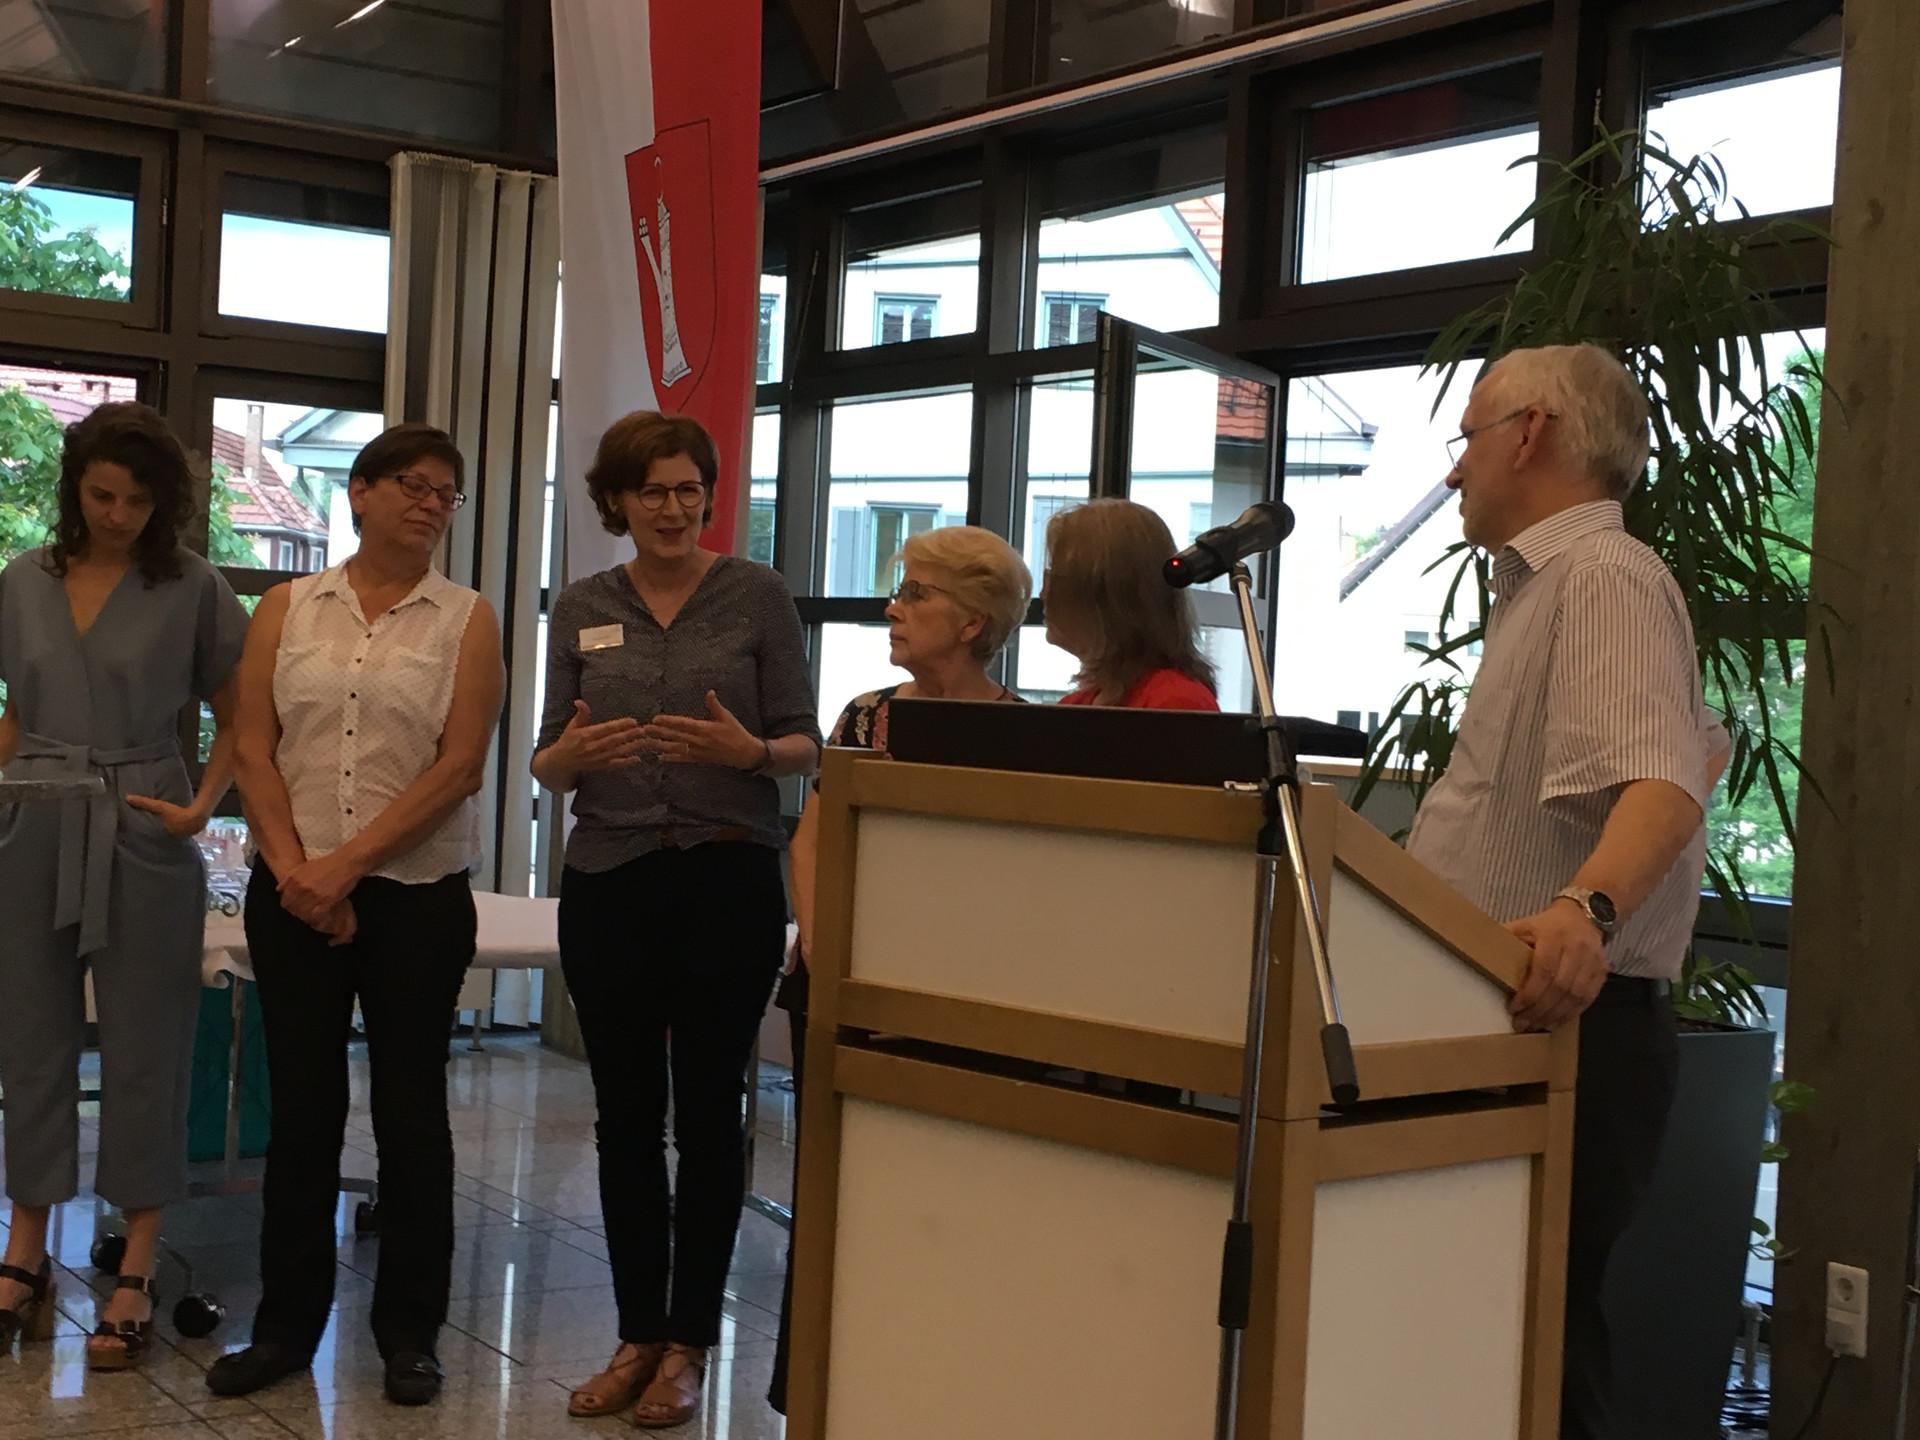 SPD Empfang Stuttgart - Leseohren